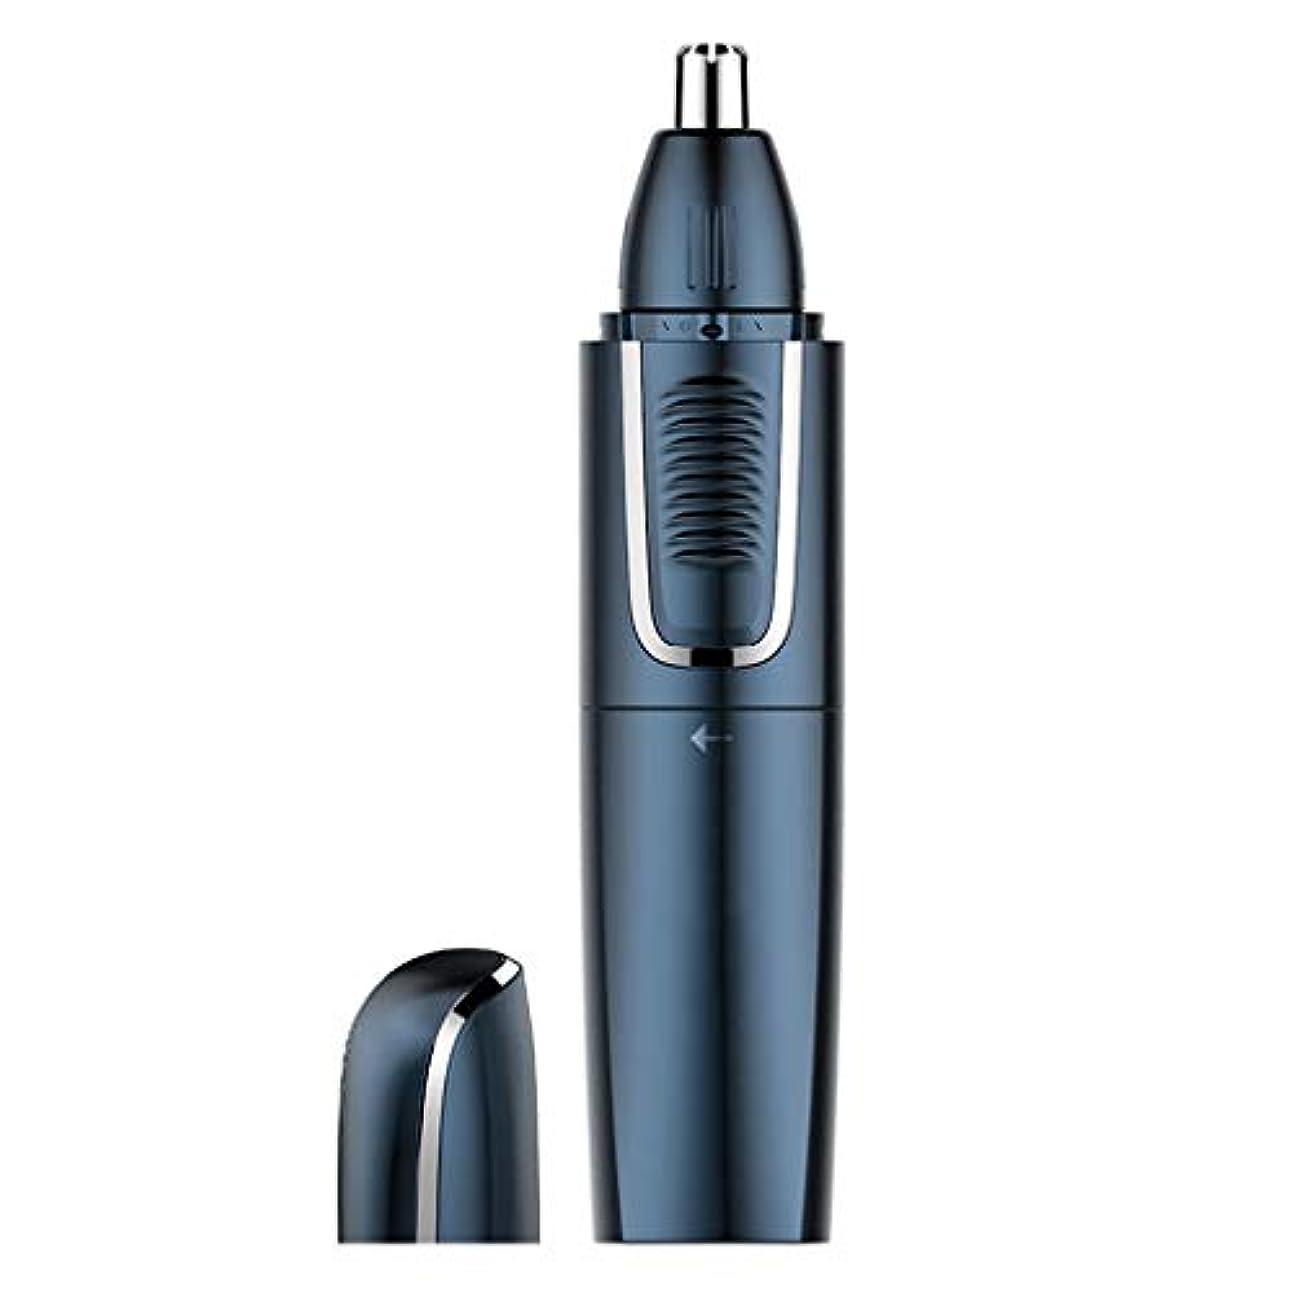 傘歯前置詞ノーズヘアトリマー、スリーインワントリマー、USB充電式防水ネットトリムヘッドアンチクリップは鼻腔を傷つけません、男性と女性用